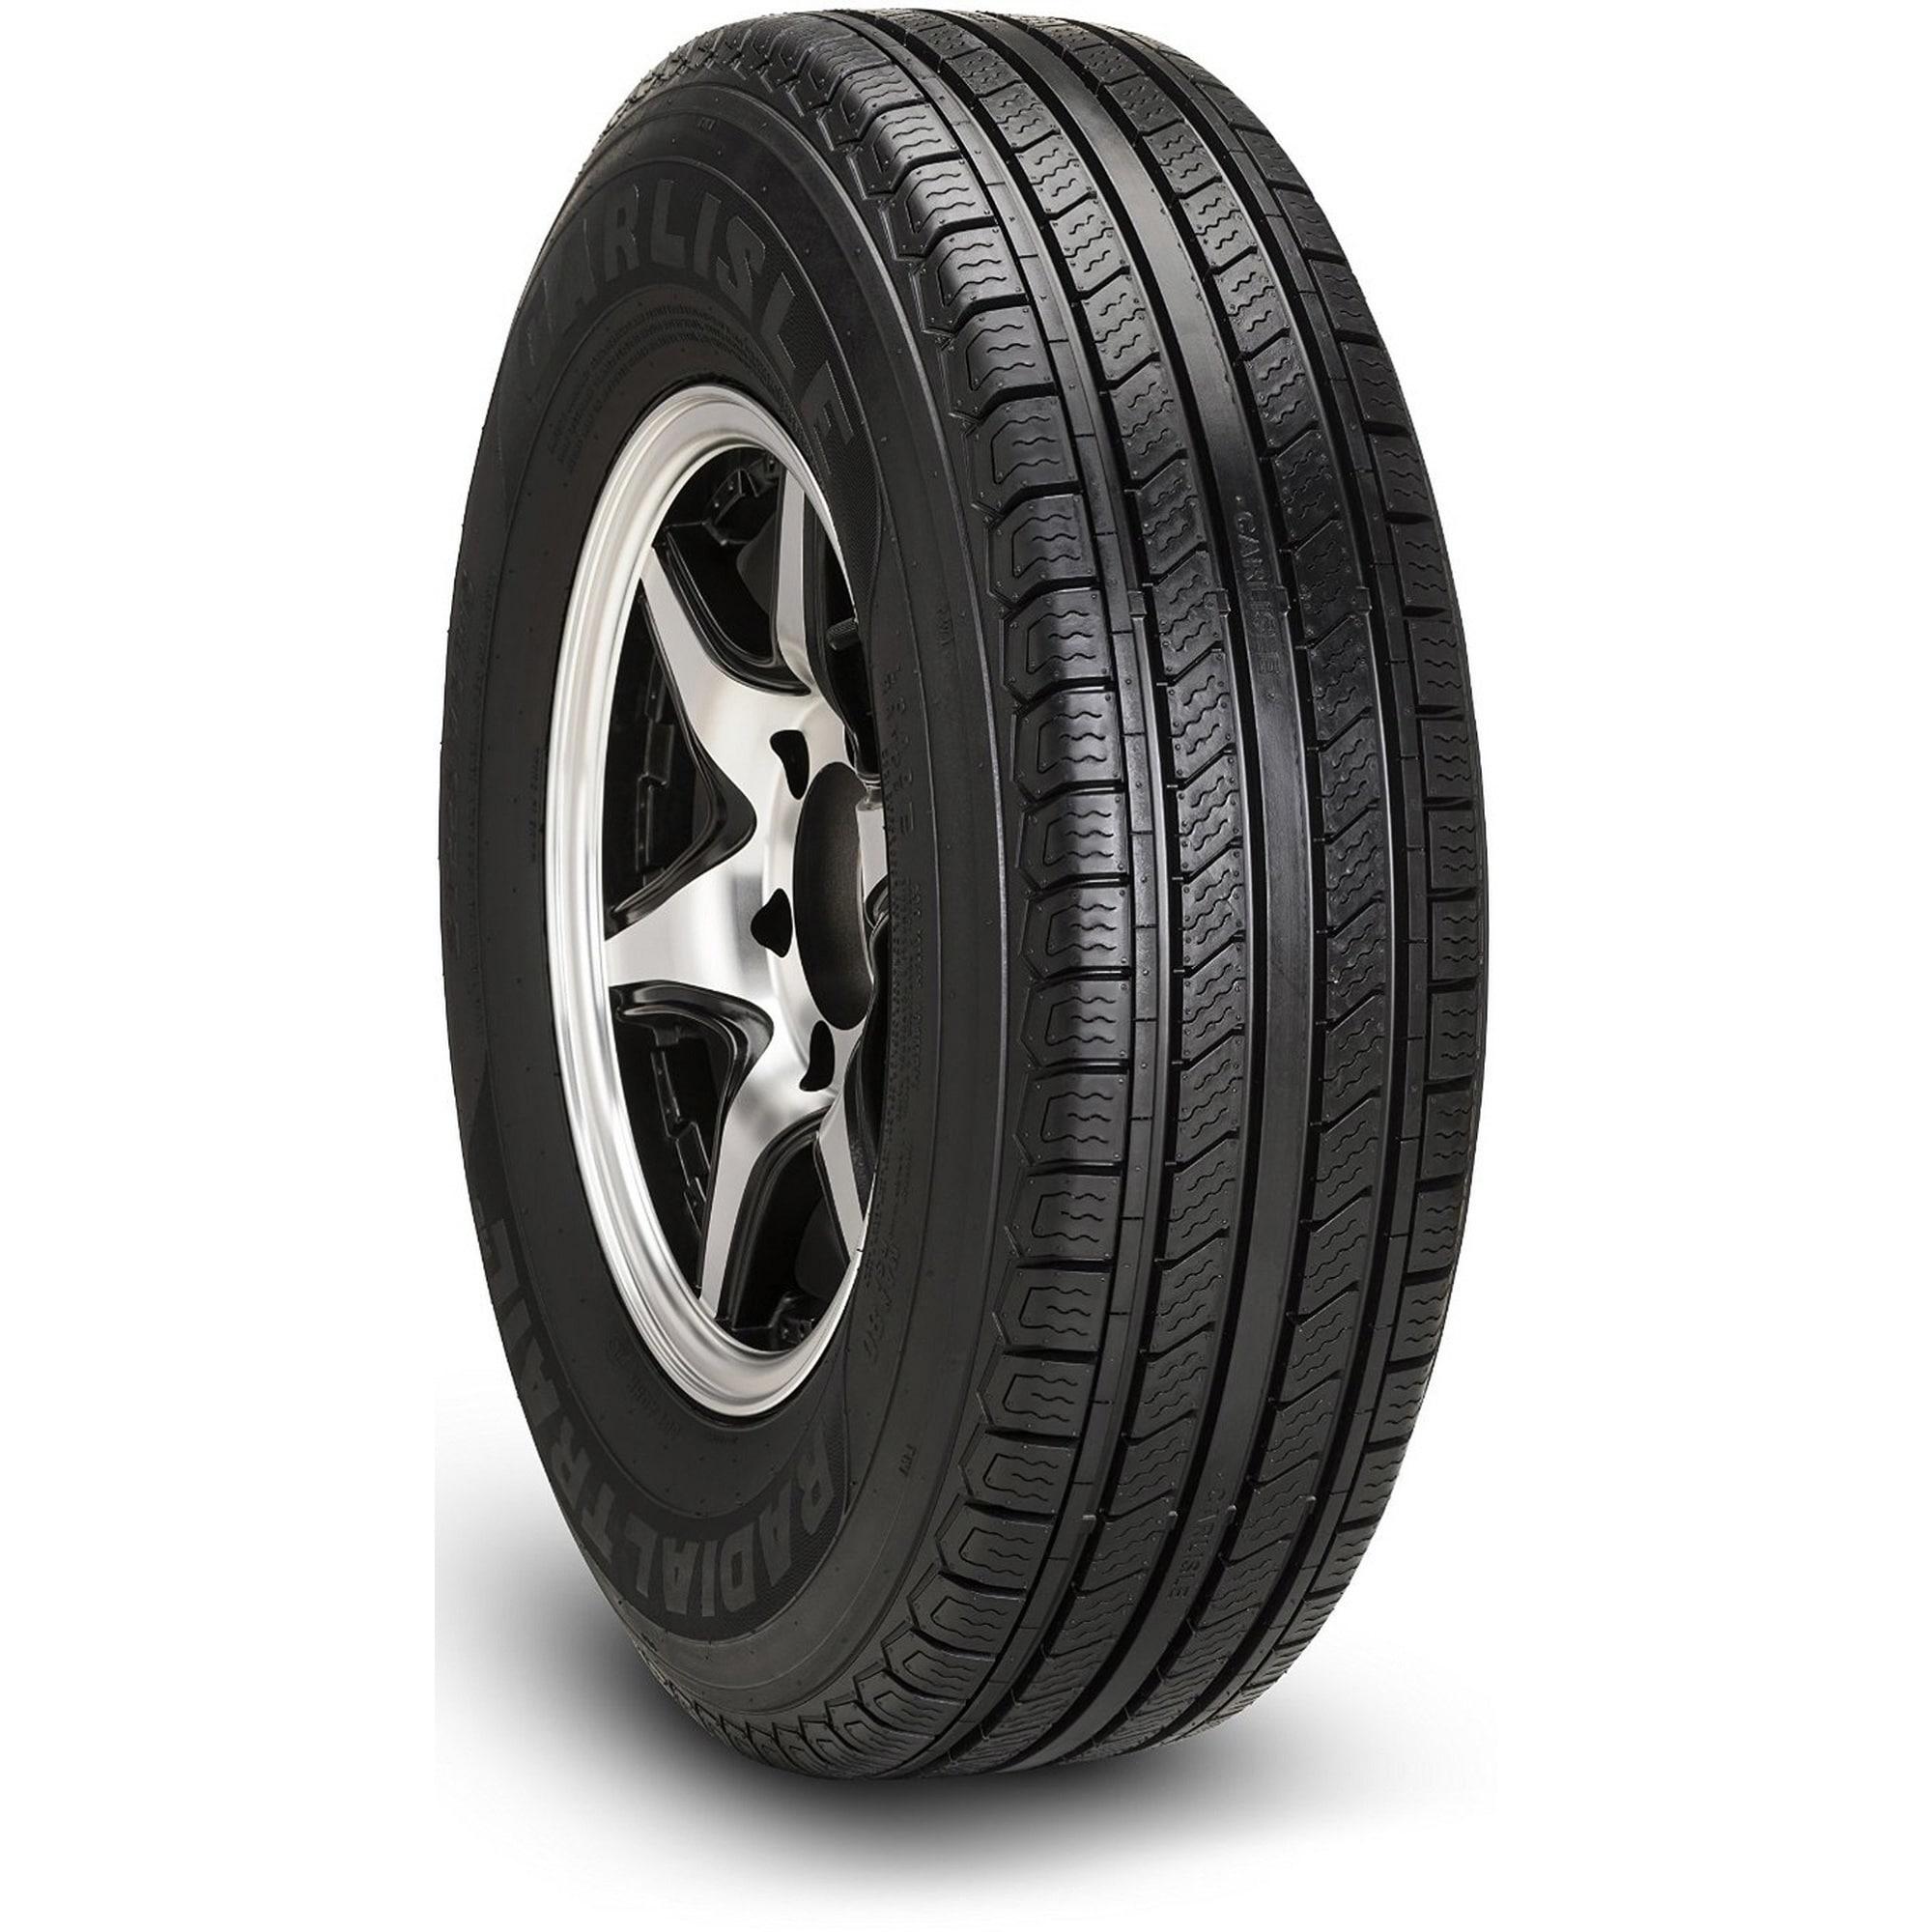 Carlisle Radial Trail HD Trailer Tire - ST205/75R15 LRC/6...